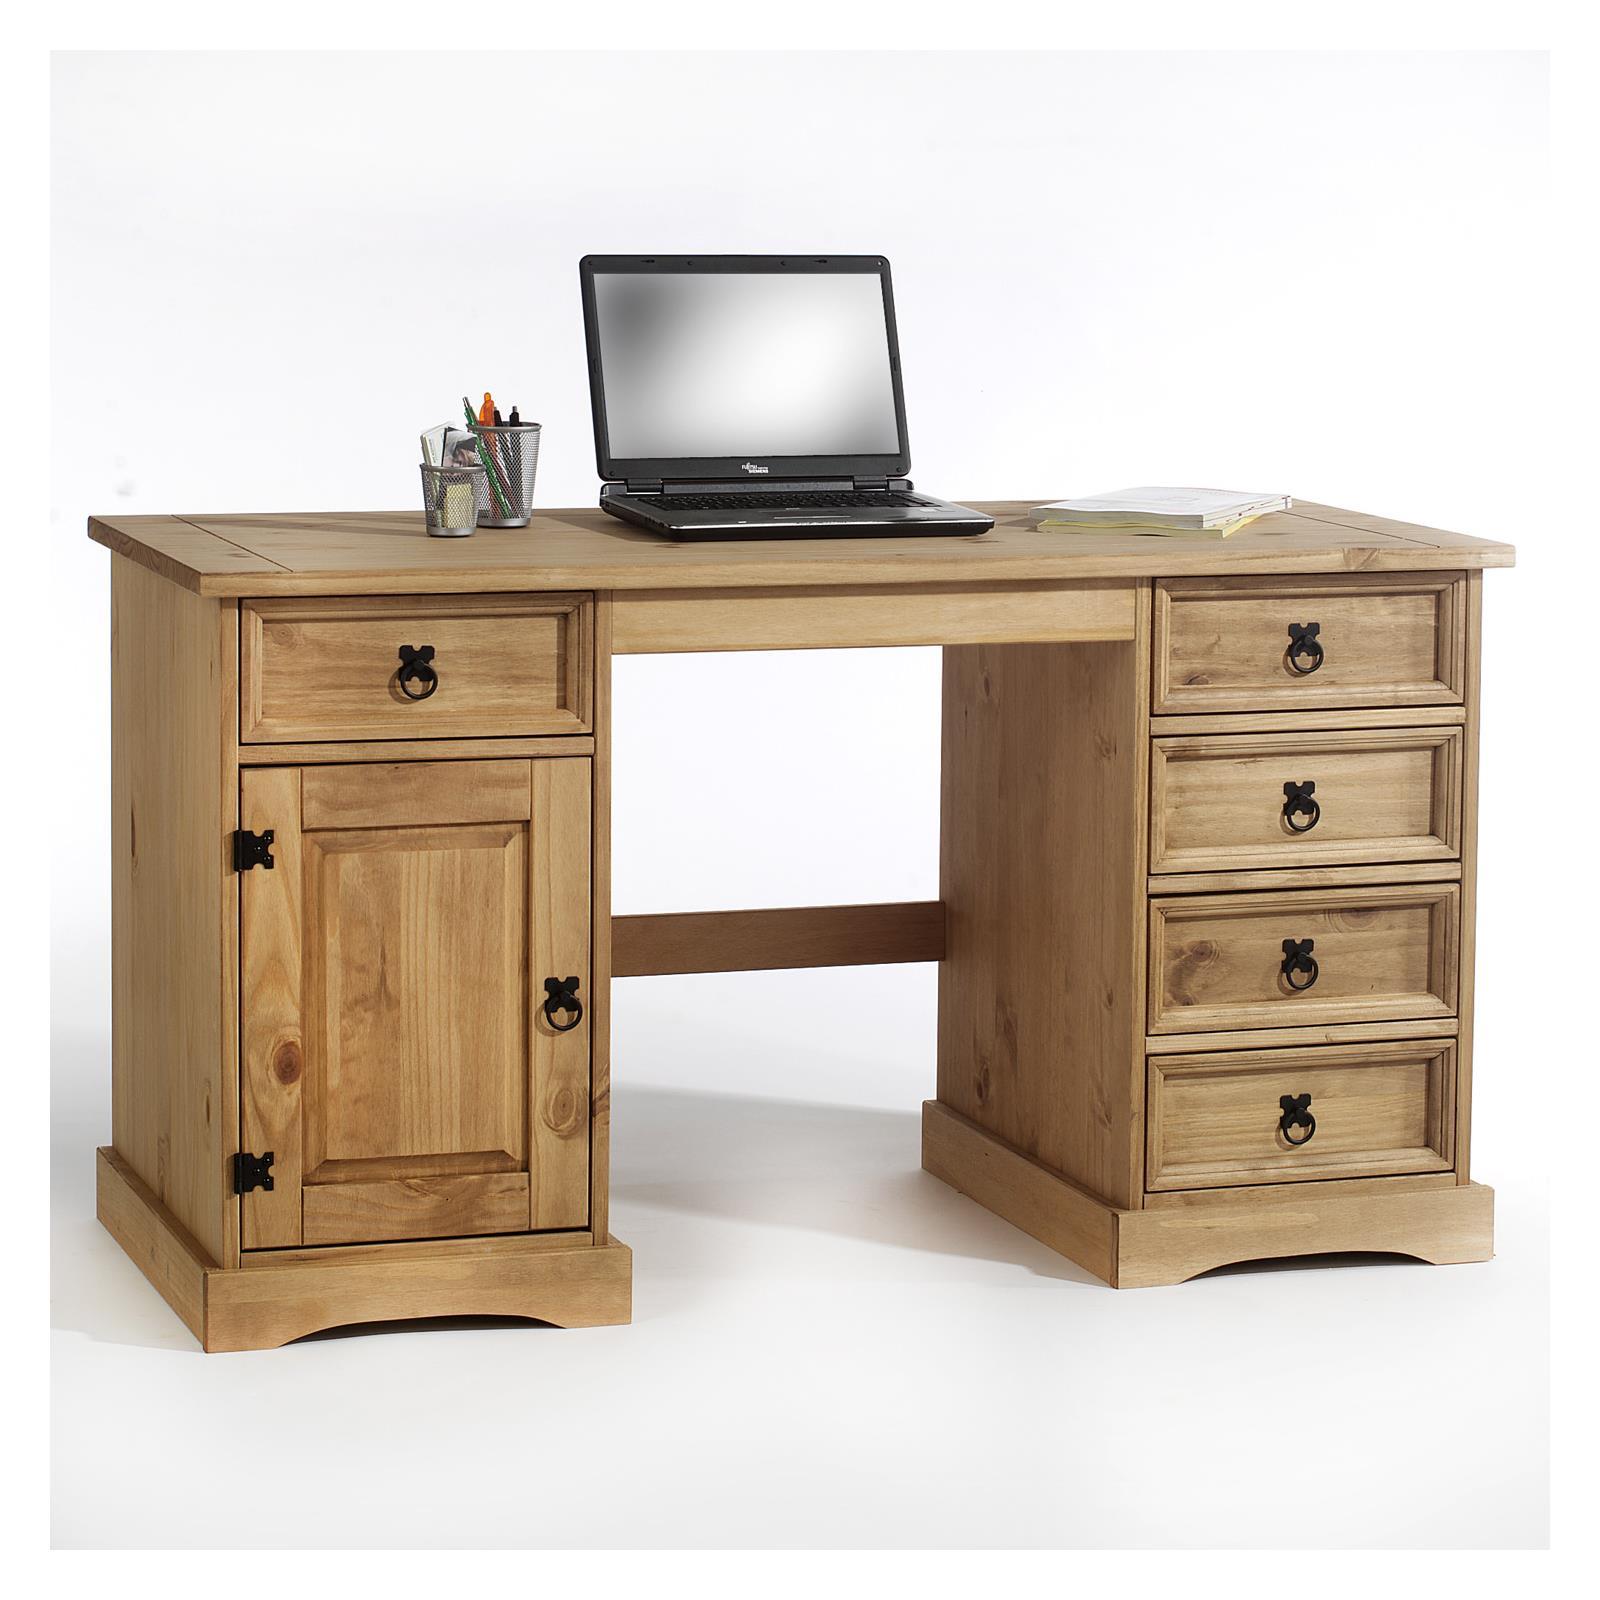 Schreibtisch Mexico Möbel, Kiefer massiv | CARO-Möbel